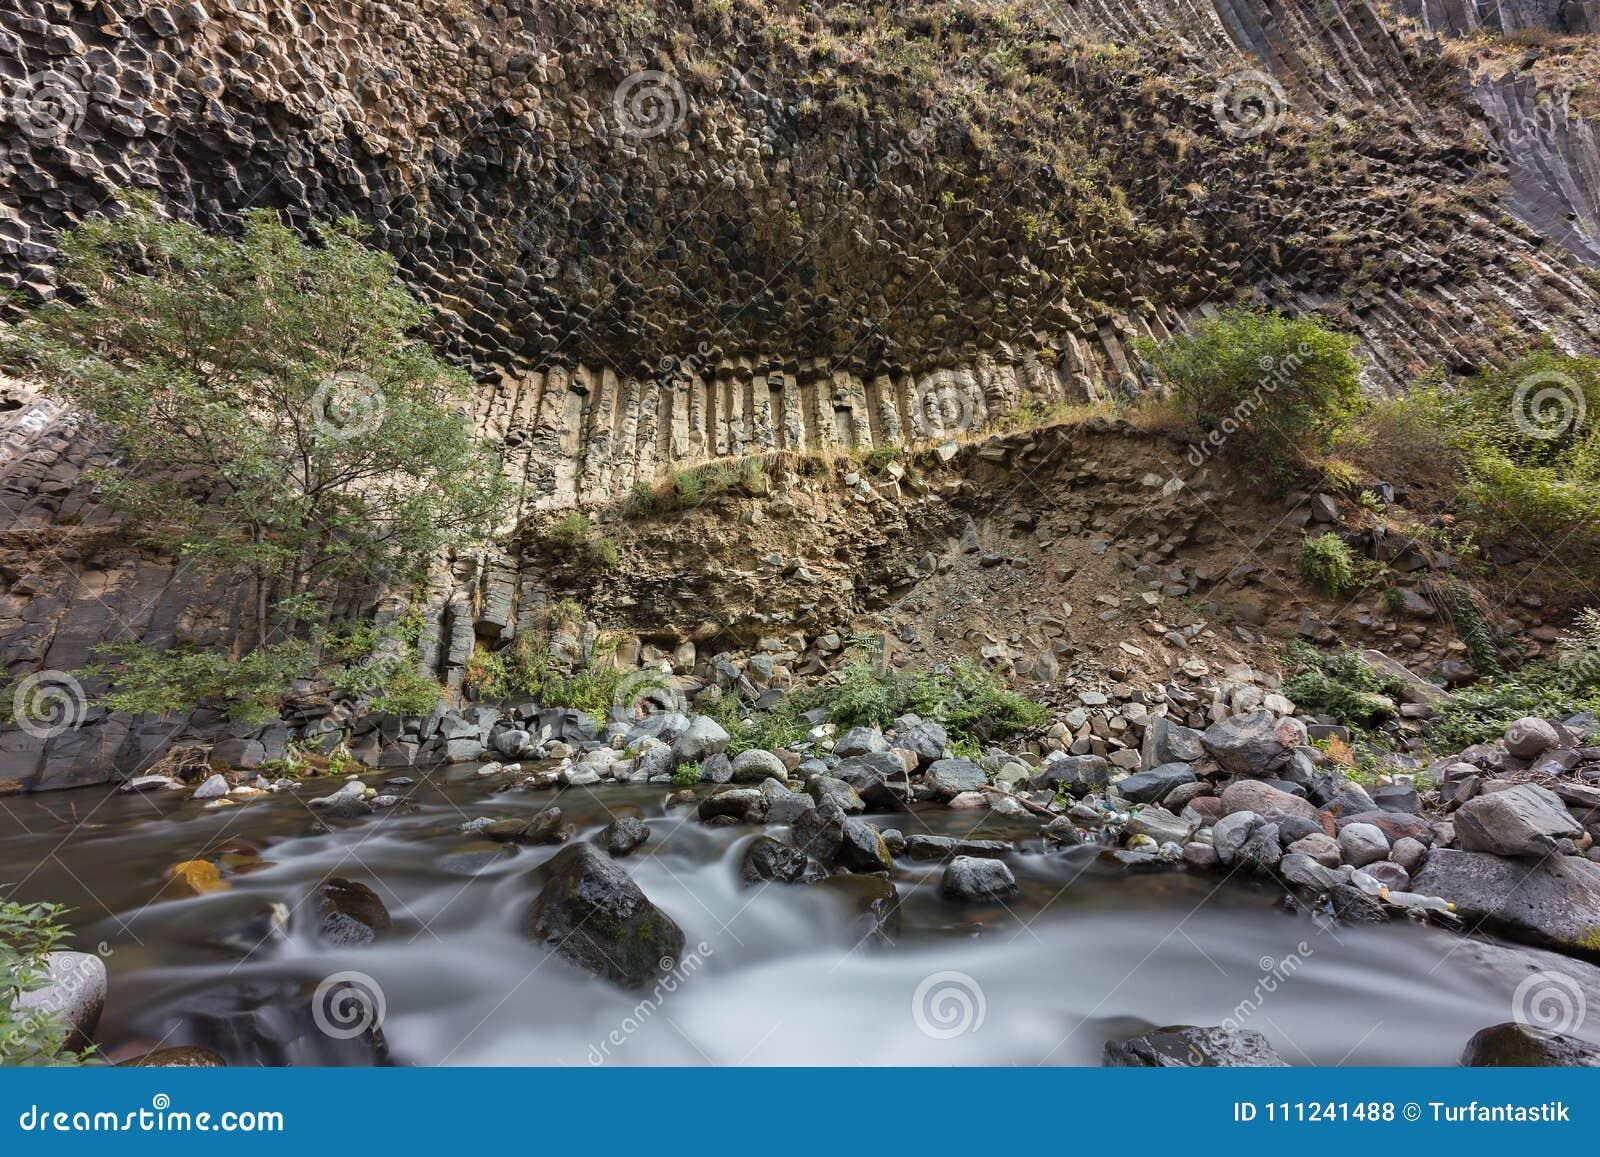 Columnas del basalto conocidas como sinfonía de las piedras, en el valle de Garni, Armenia